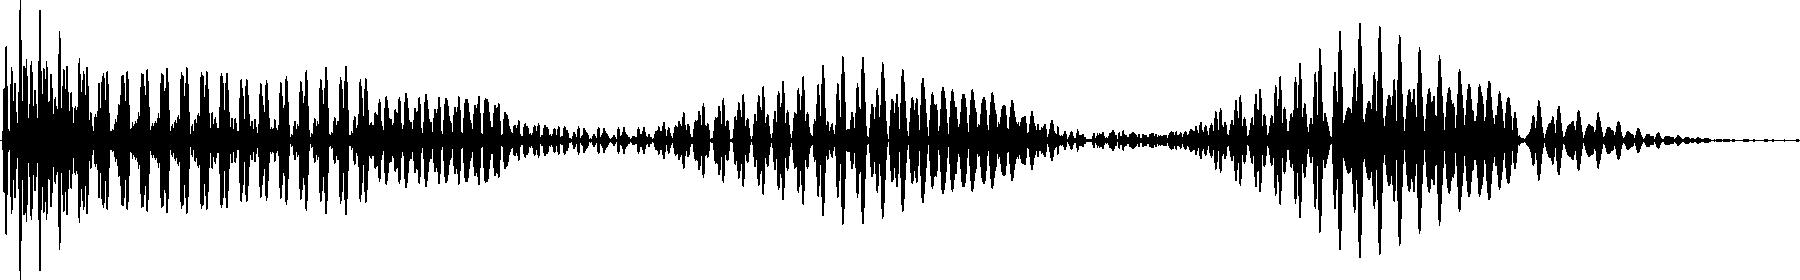 ps480 b2